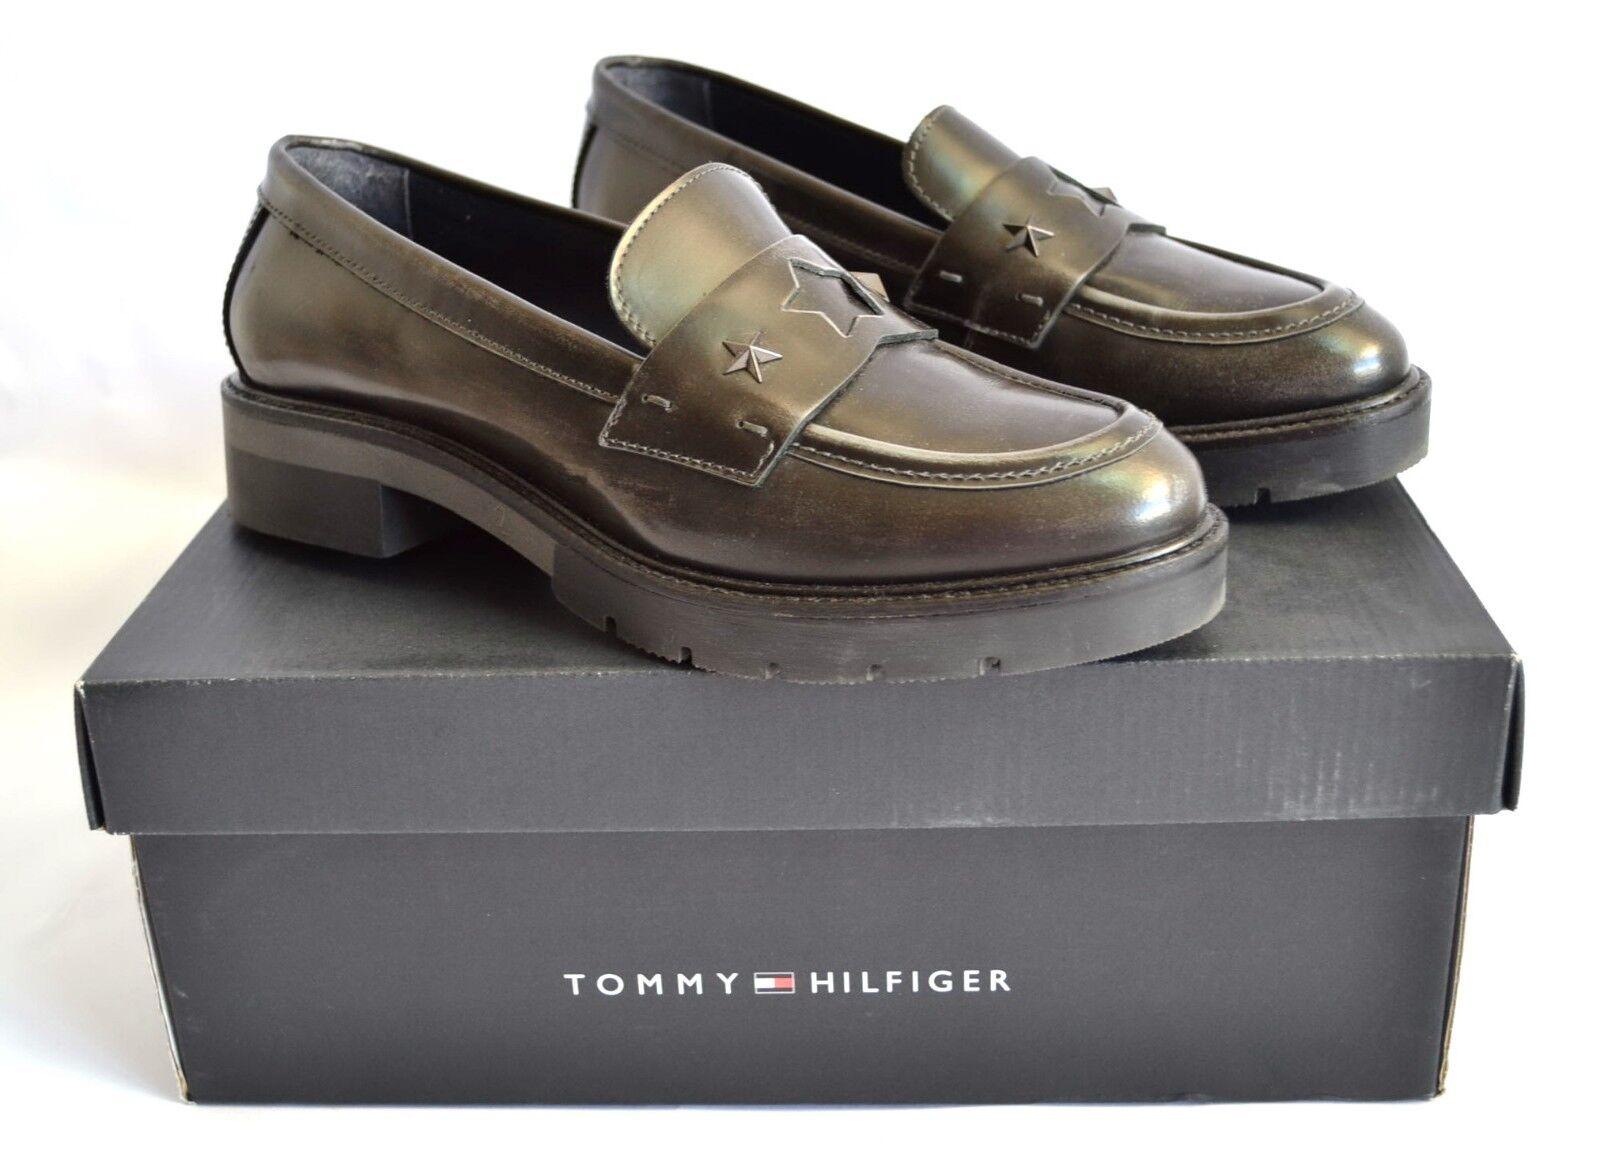 TOMMY HILFIGER LUXUS LOAFER SLIPPER SCHUHE Schuhe LEDER robust Gr 38 NP  NEU